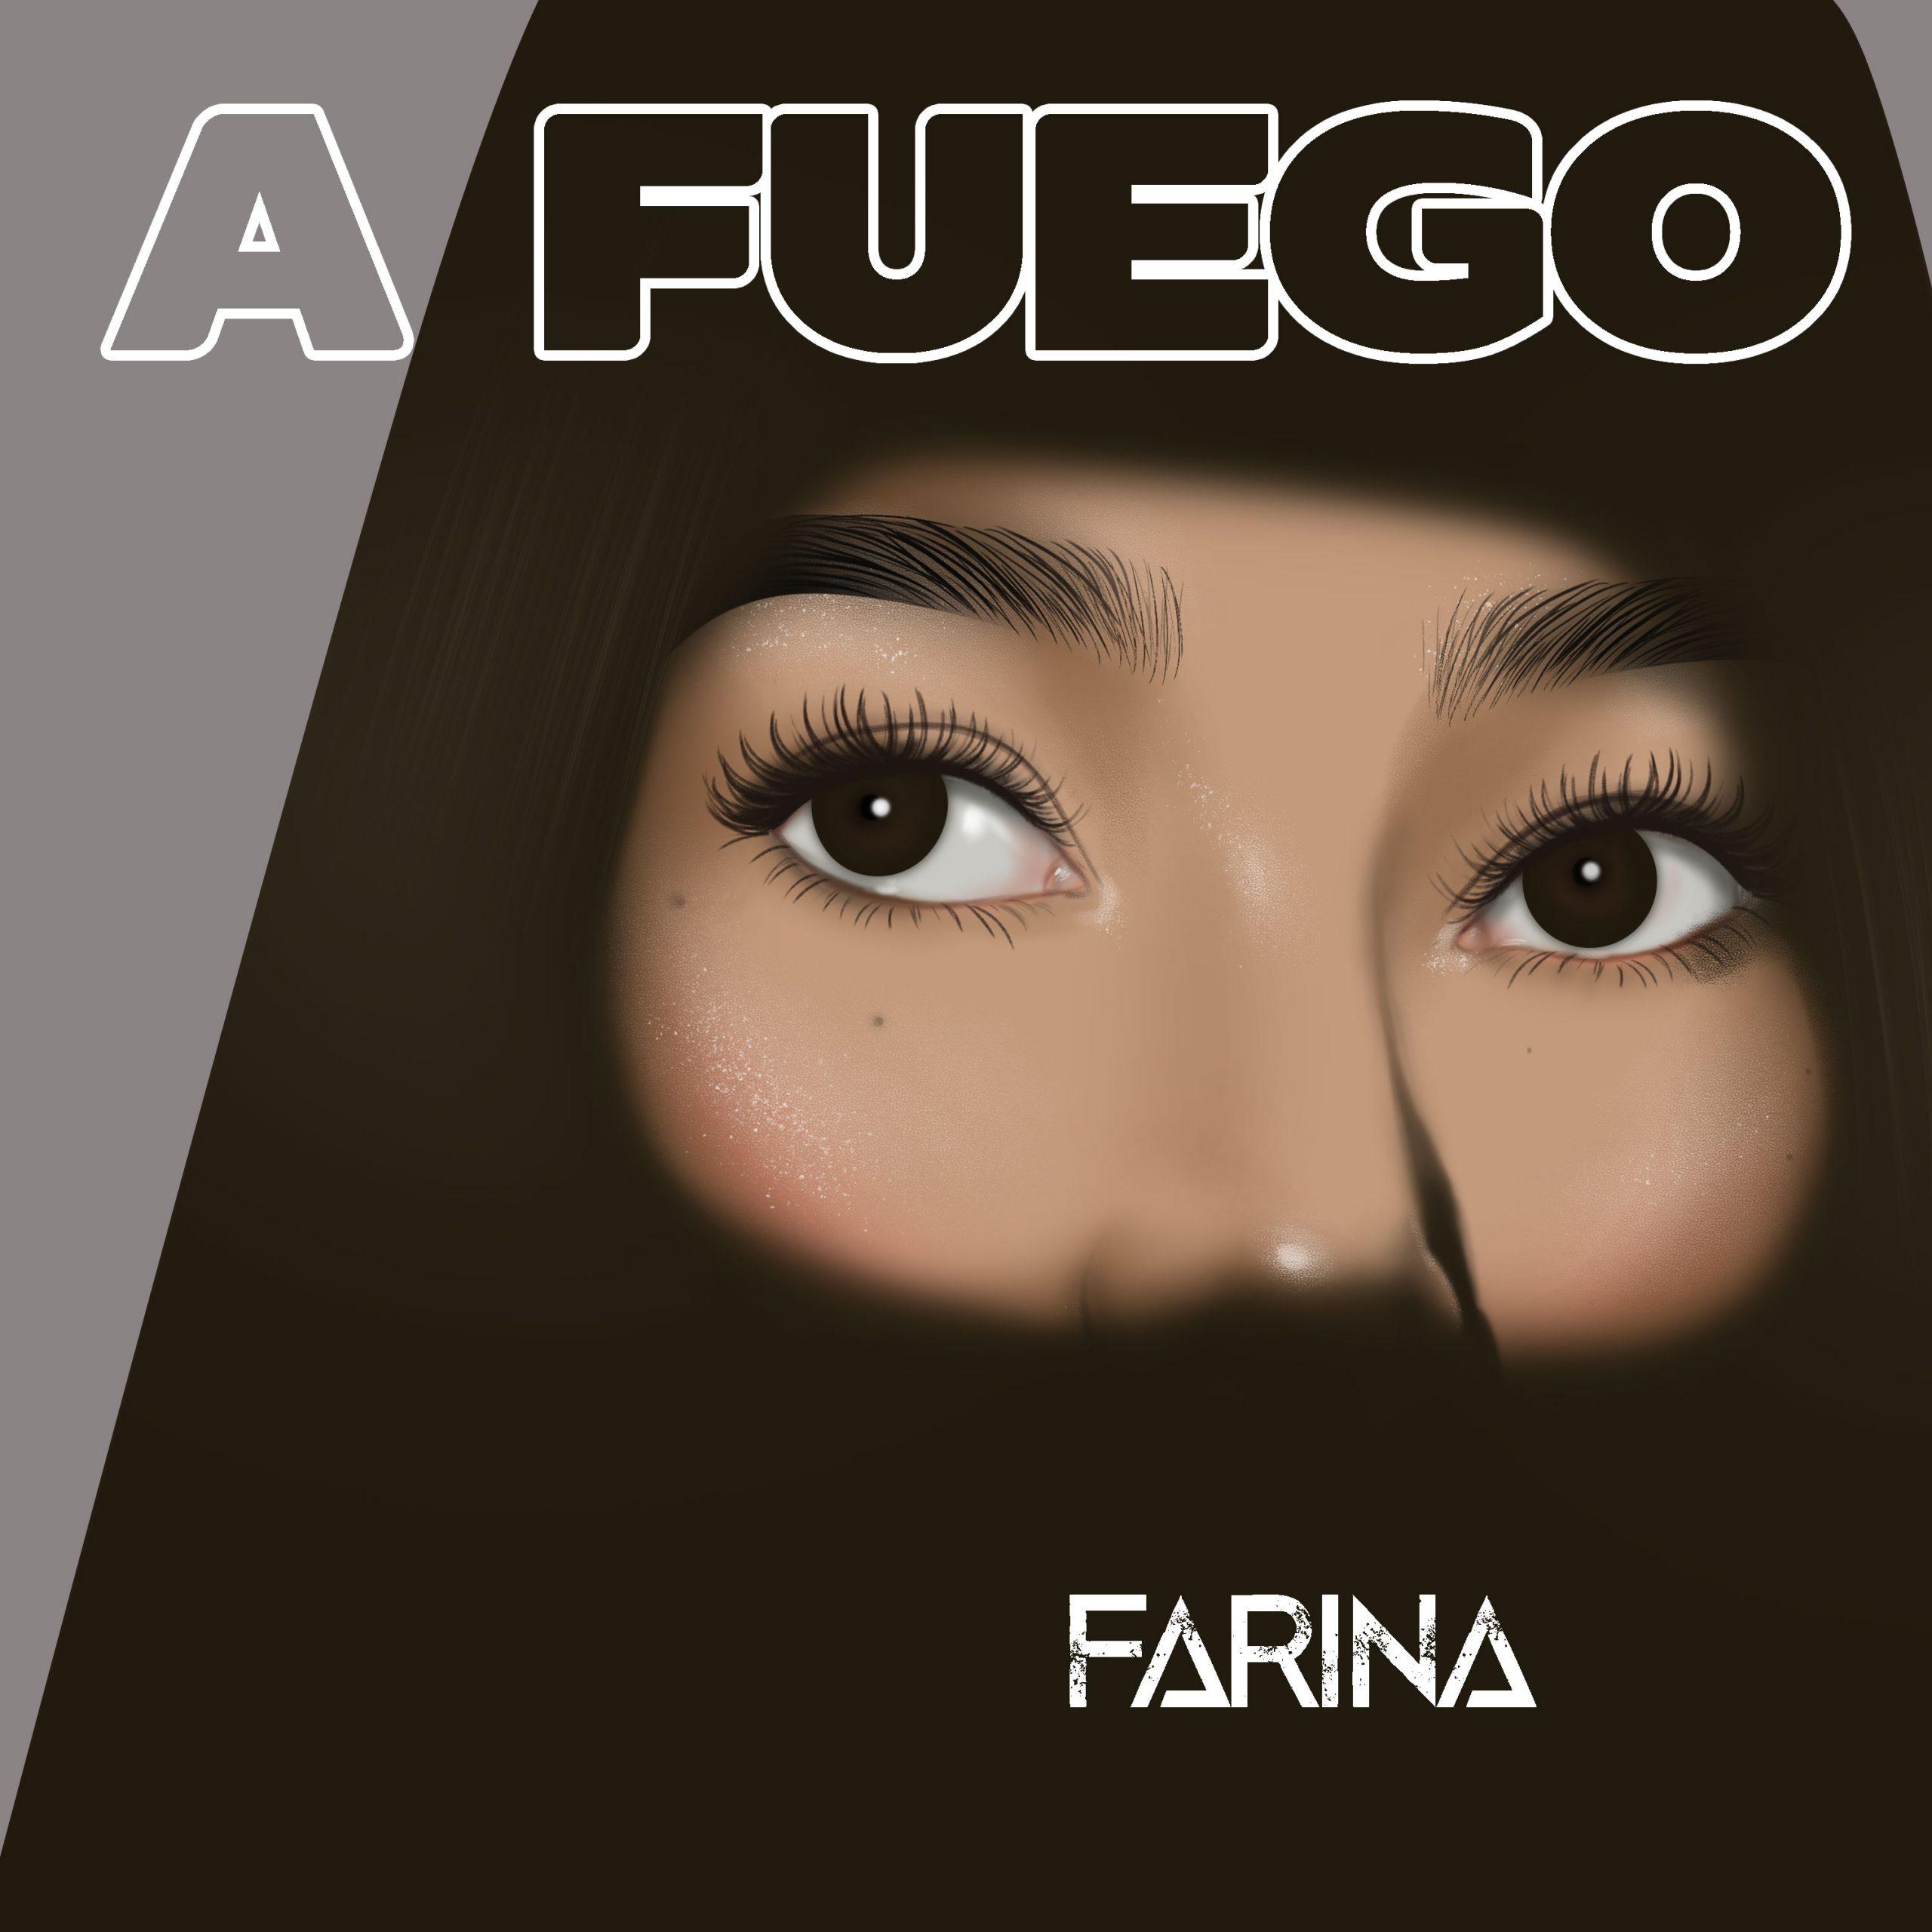 farina-a fuego-cover